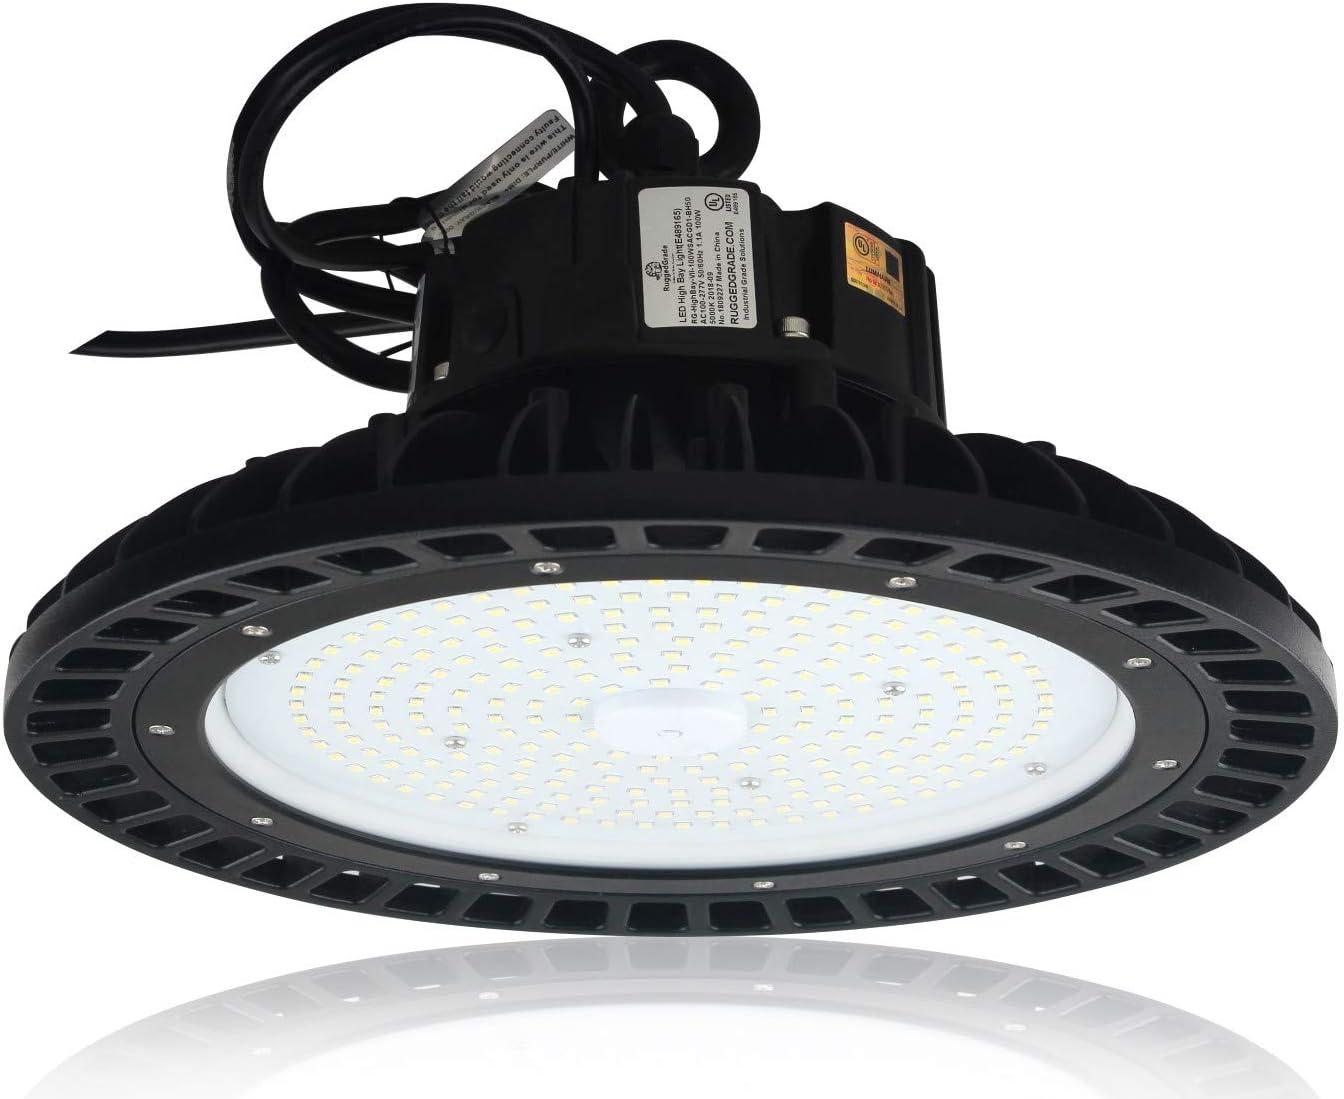 100 Watt Led Corvus Series High Bay Lighting 13 500 Lumens 2700k 3000k Warm White Ufo Led Light Warehouse Led Lights High Bay Led Lighting Dlc Premium Listed 3000k